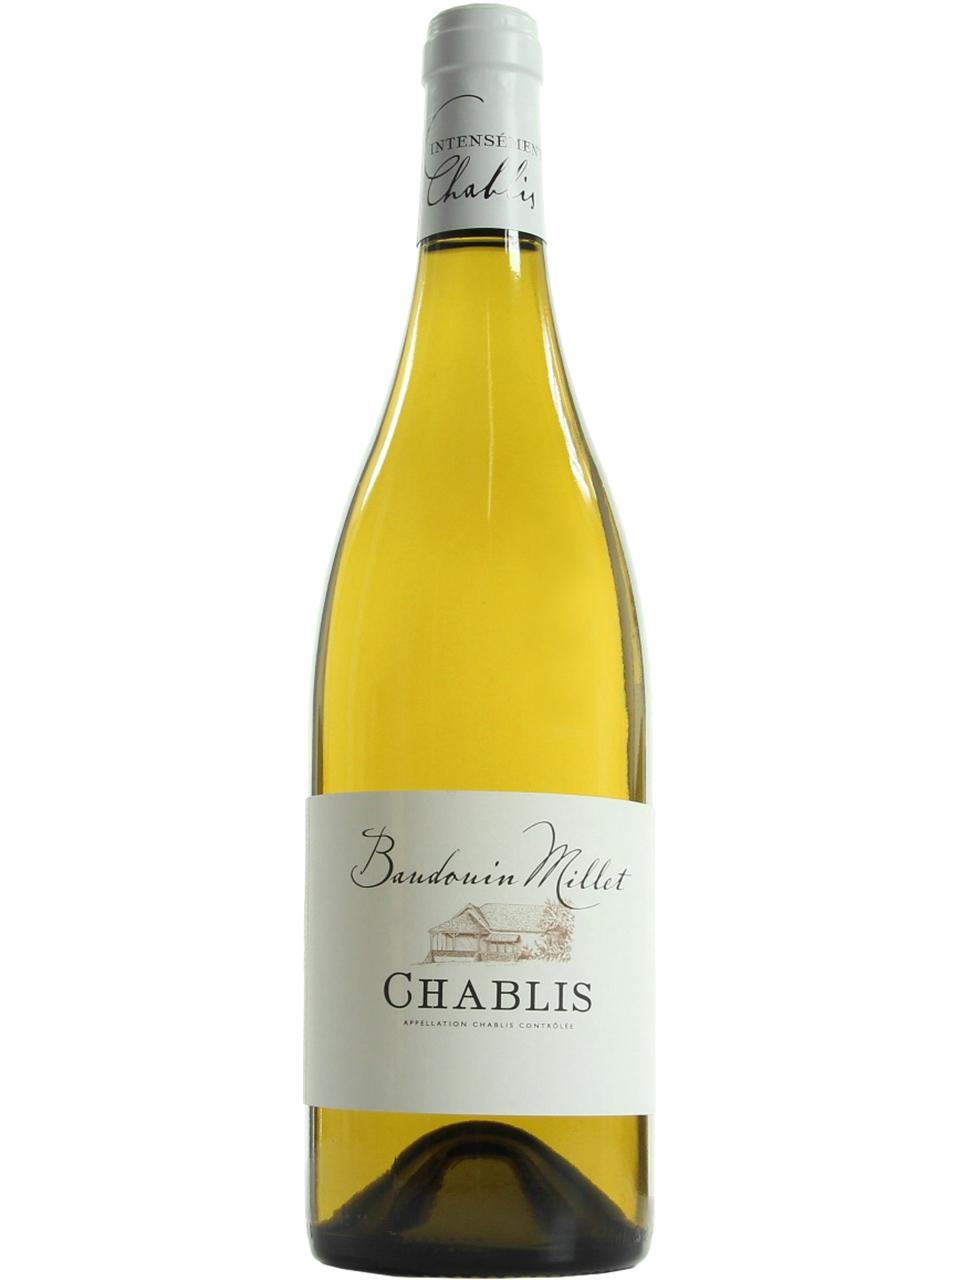 Domaine Baudouin Millet Chablis